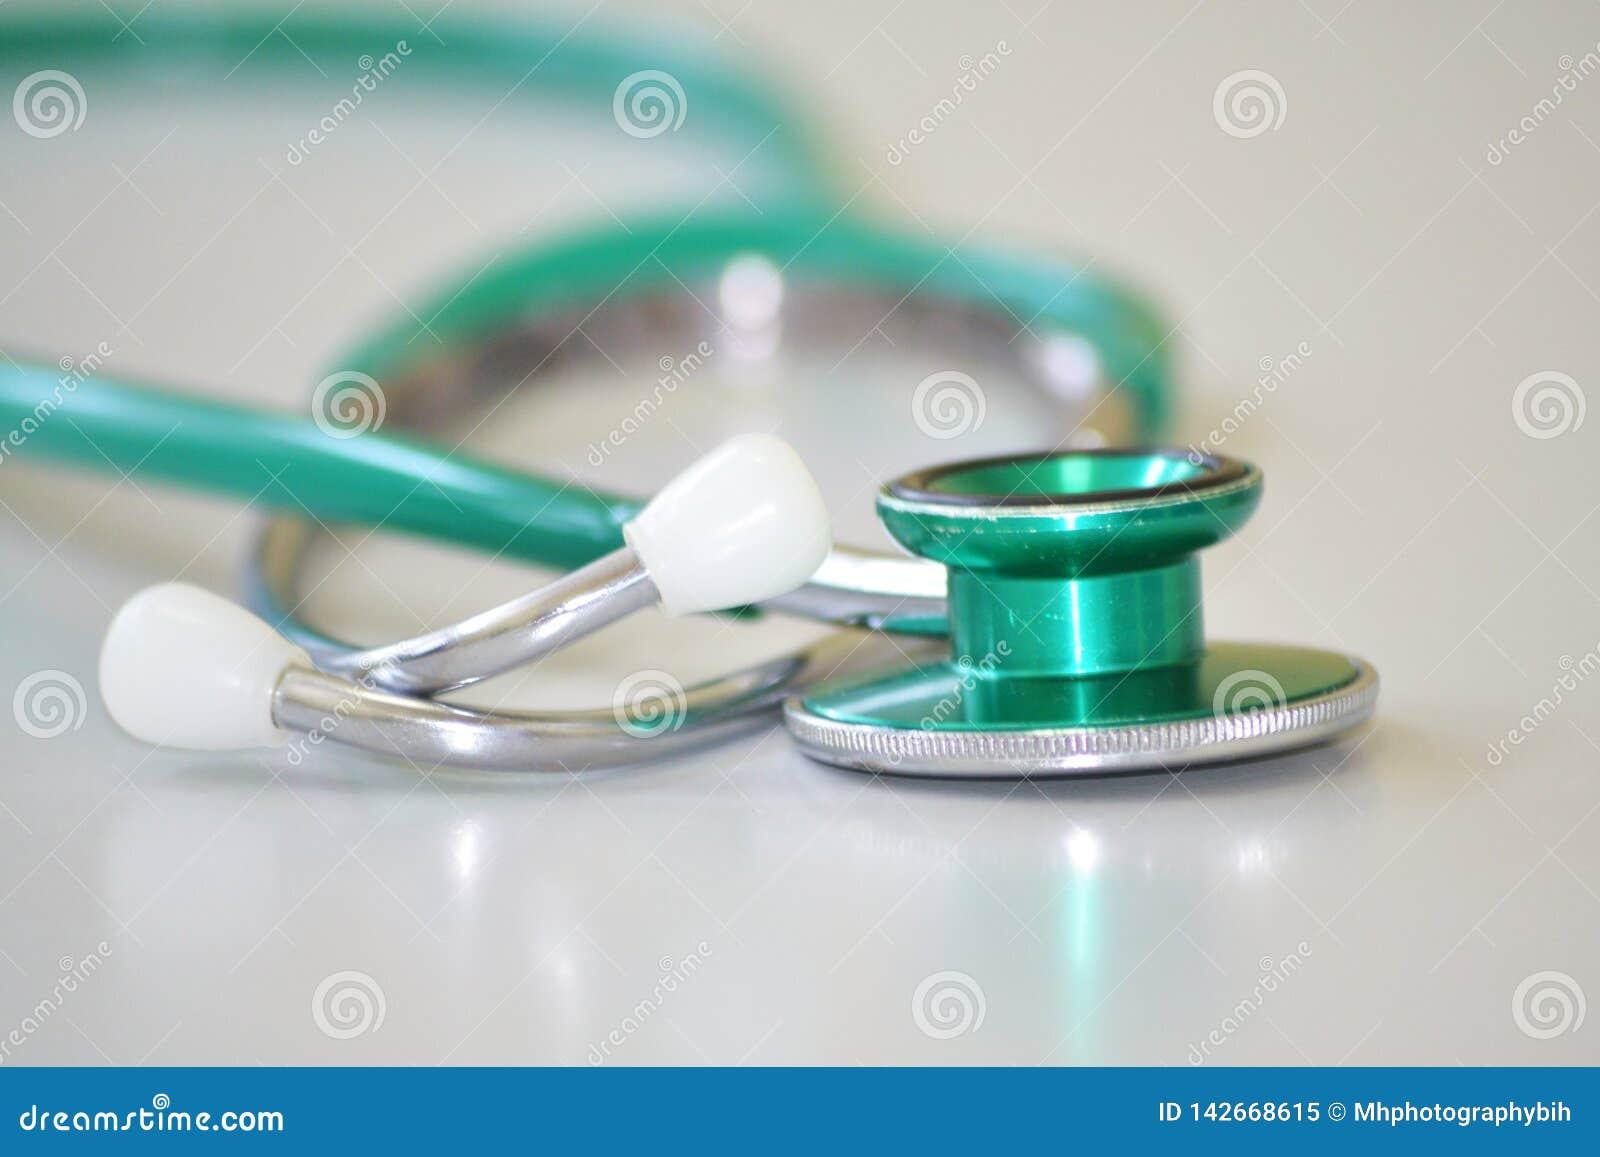 Stetoscopio verde e grigio